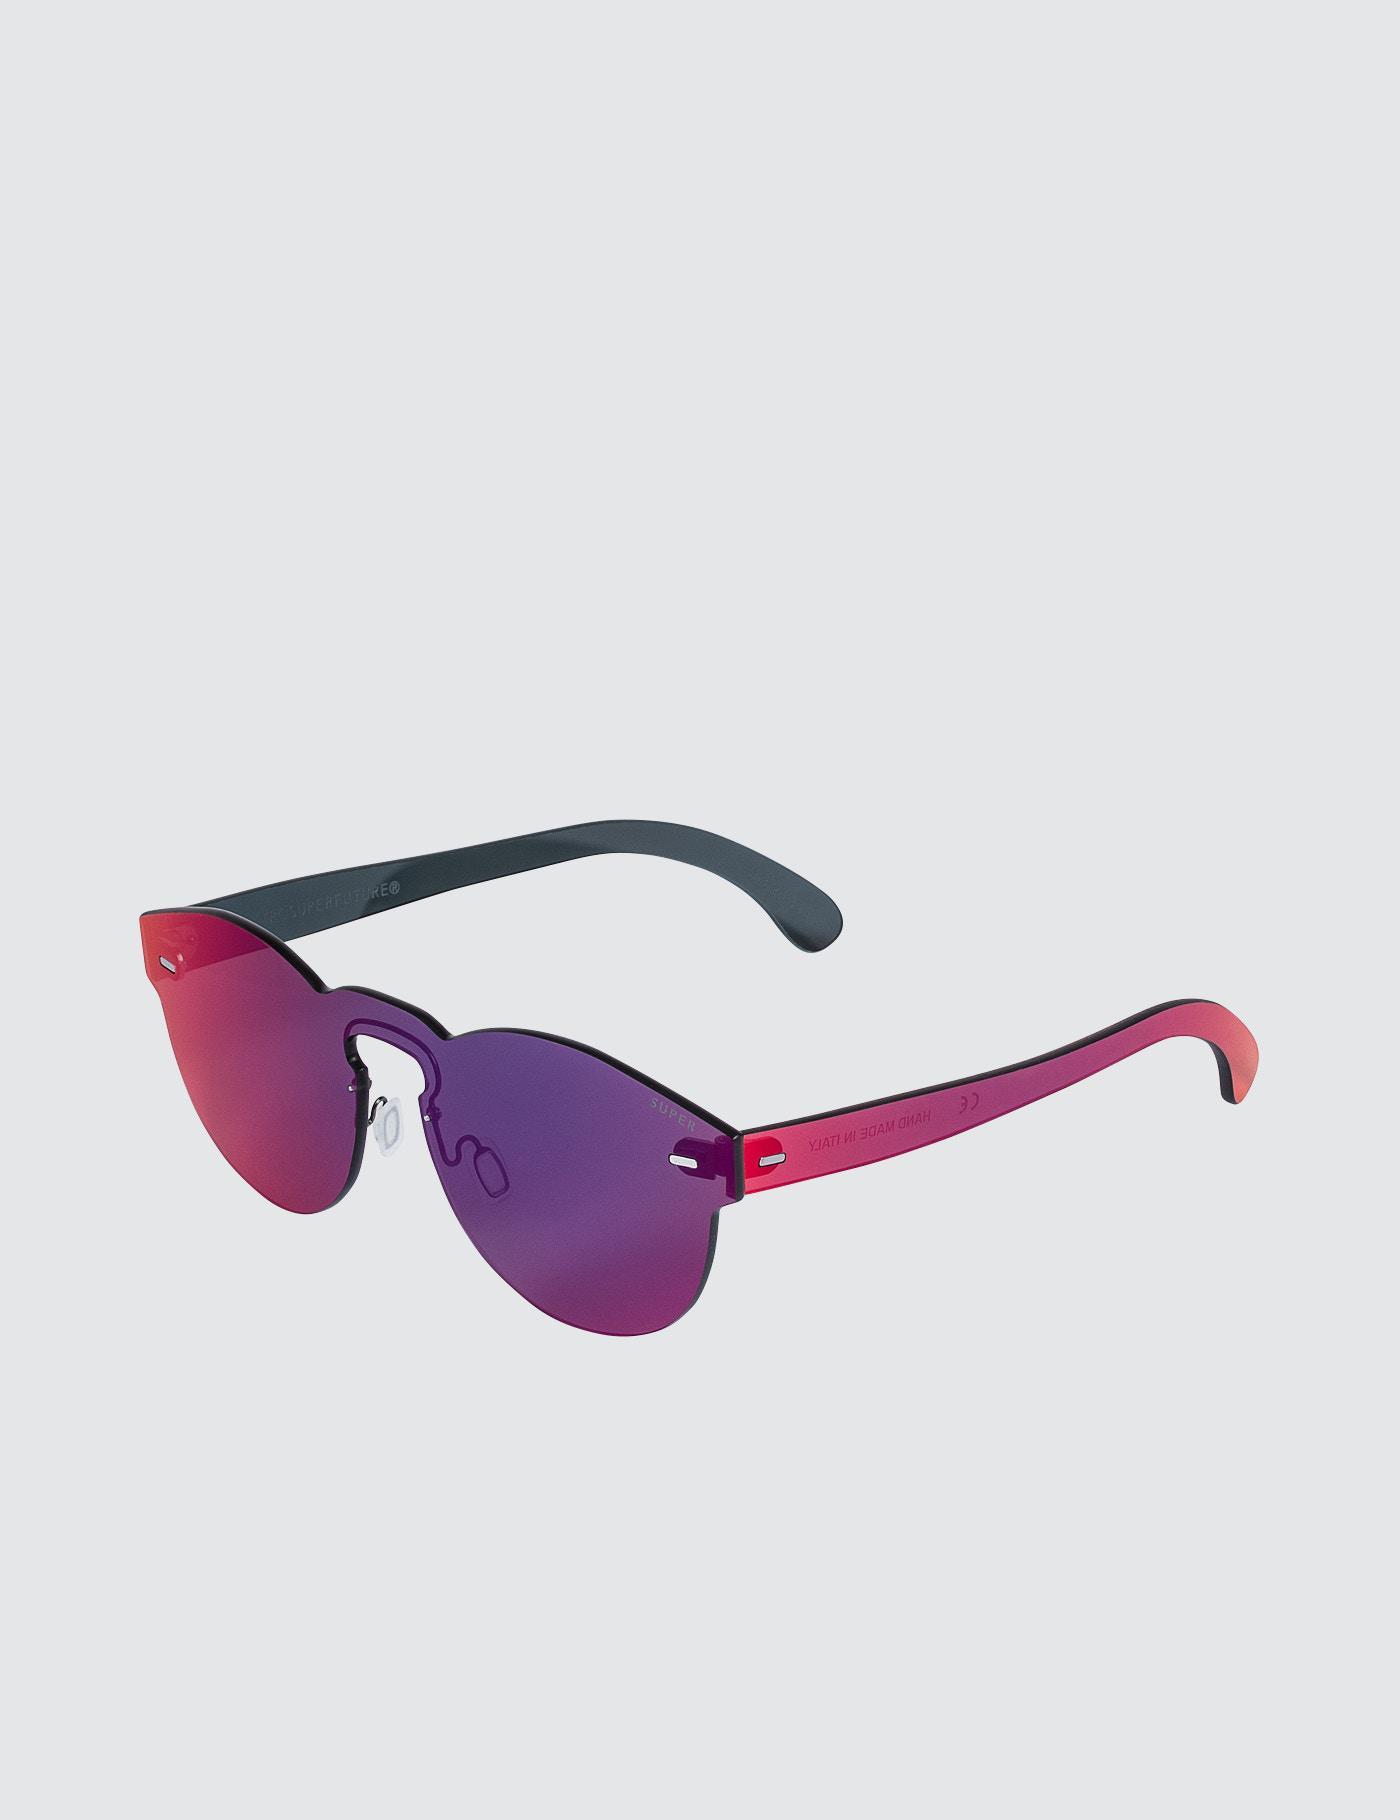 Tuttolente Paloma Infrared round sunglasses - Multicolour Retro Superfuture qrxou